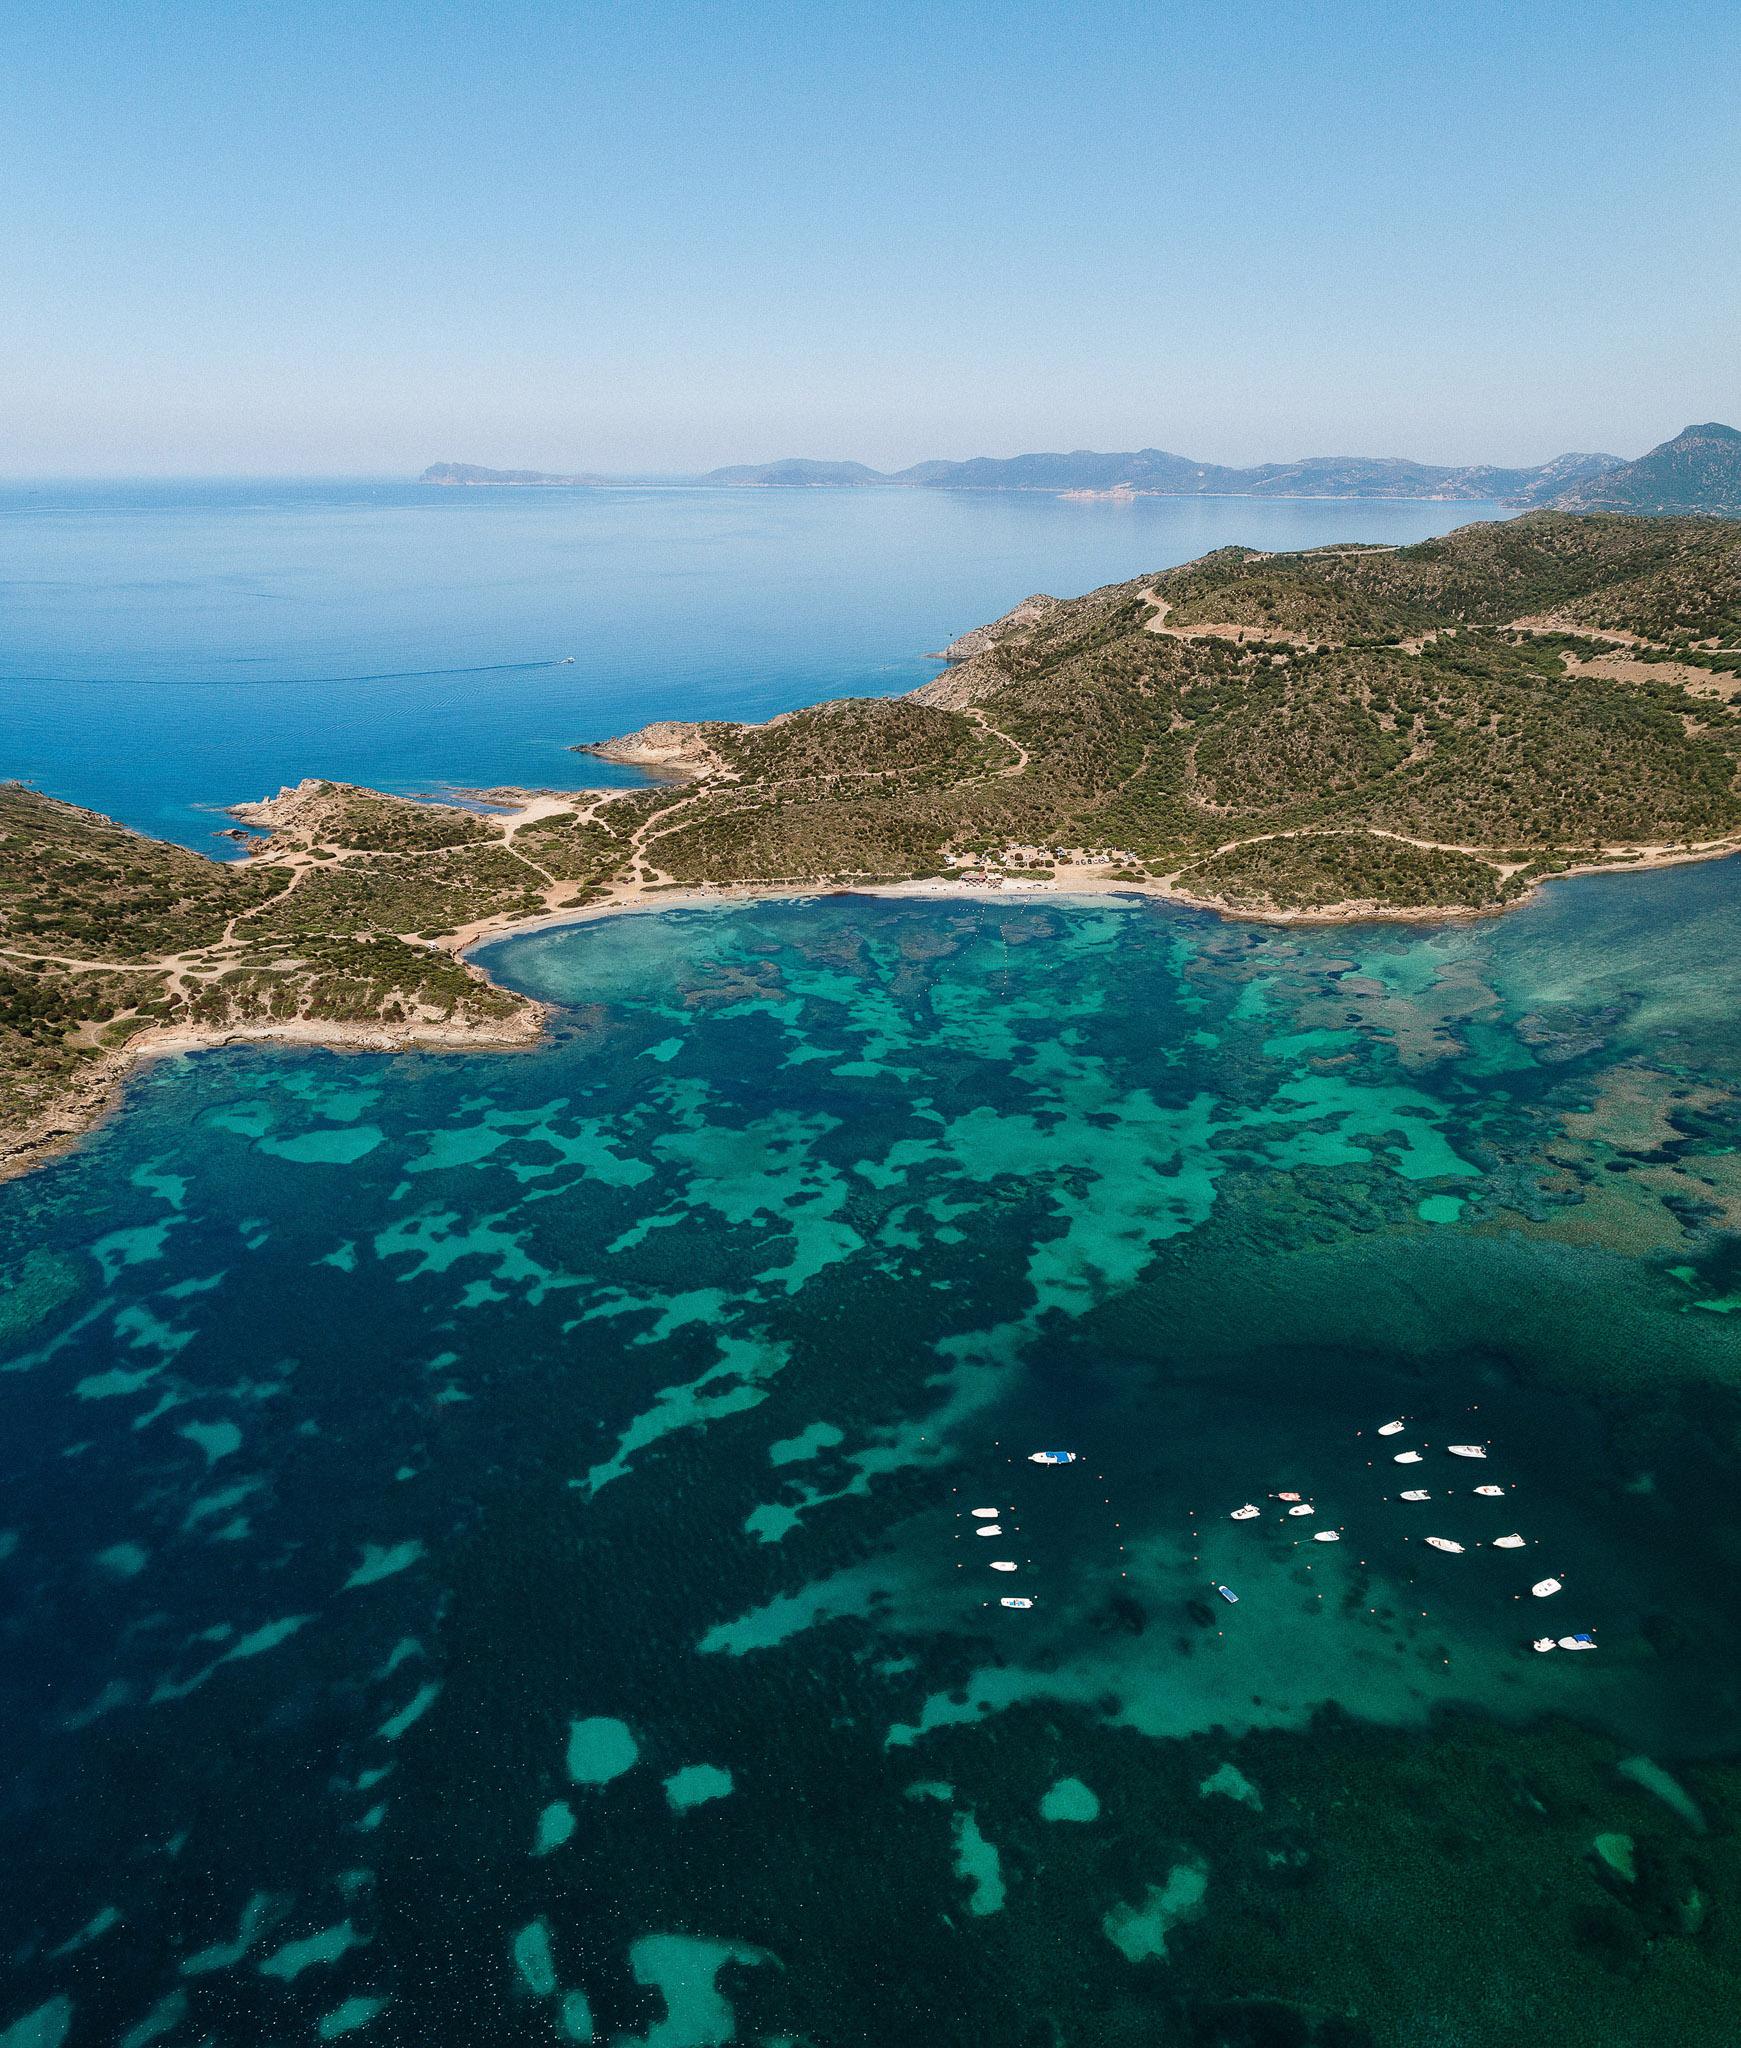 Sardegna – Aerial